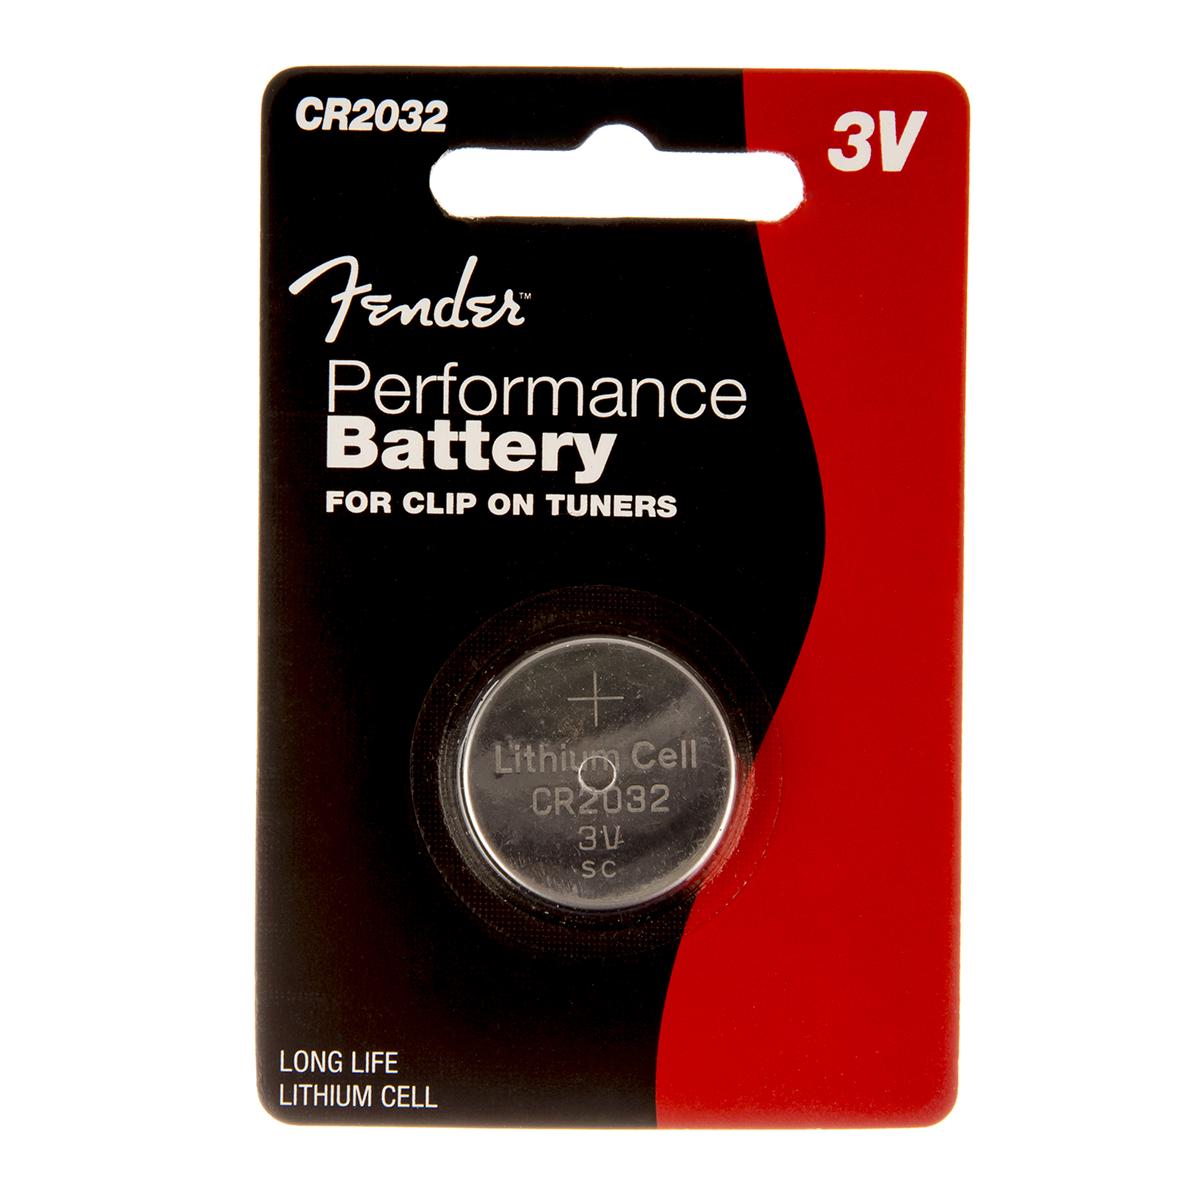 Knapcellebatterier